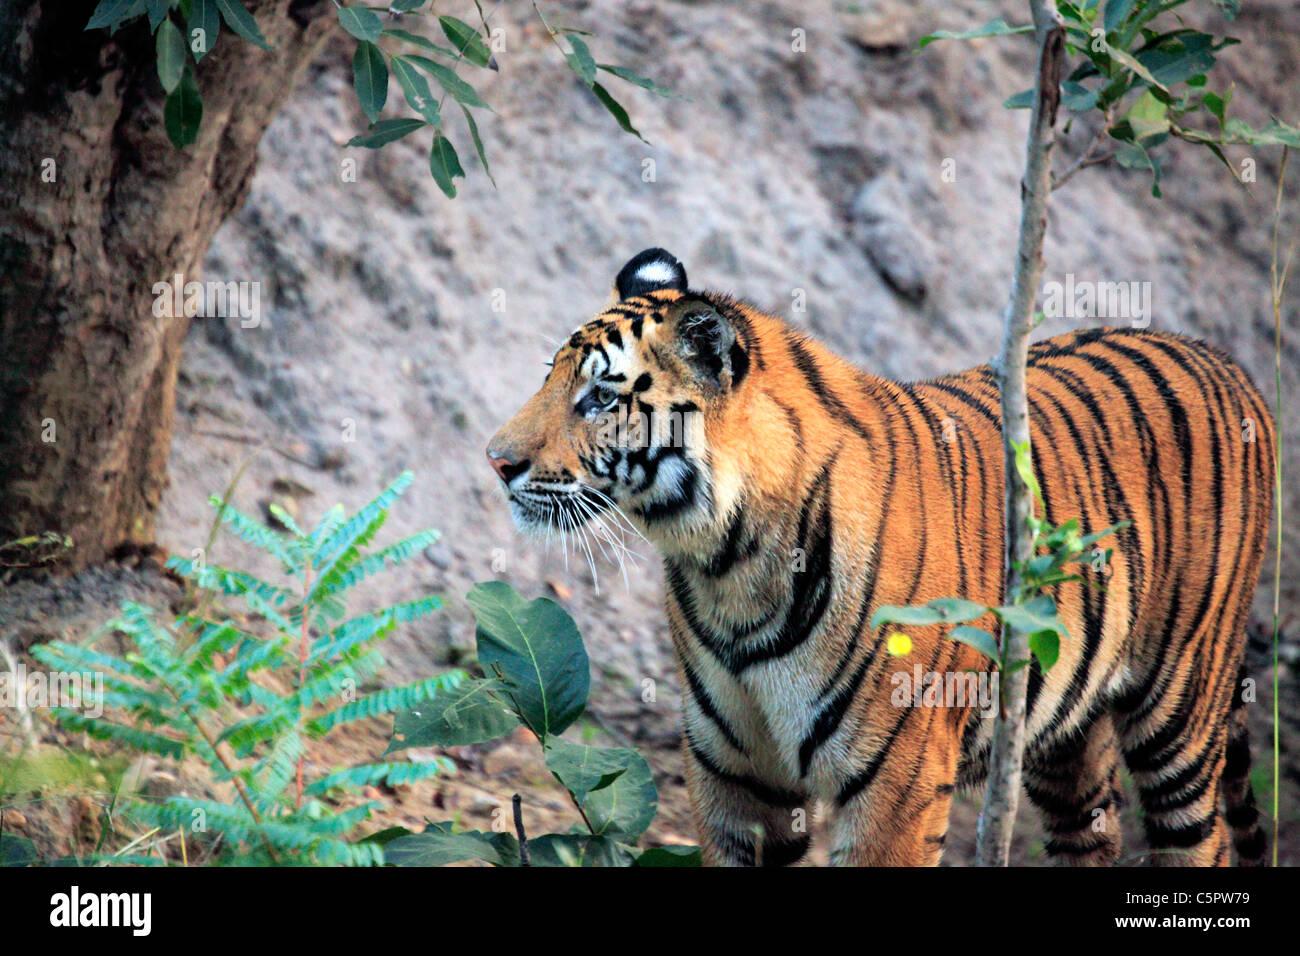 Royal Bengal tiger (Panthera tigris tigris), Bandhavgarh national park, Madhya Pradesh, India - Stock Image